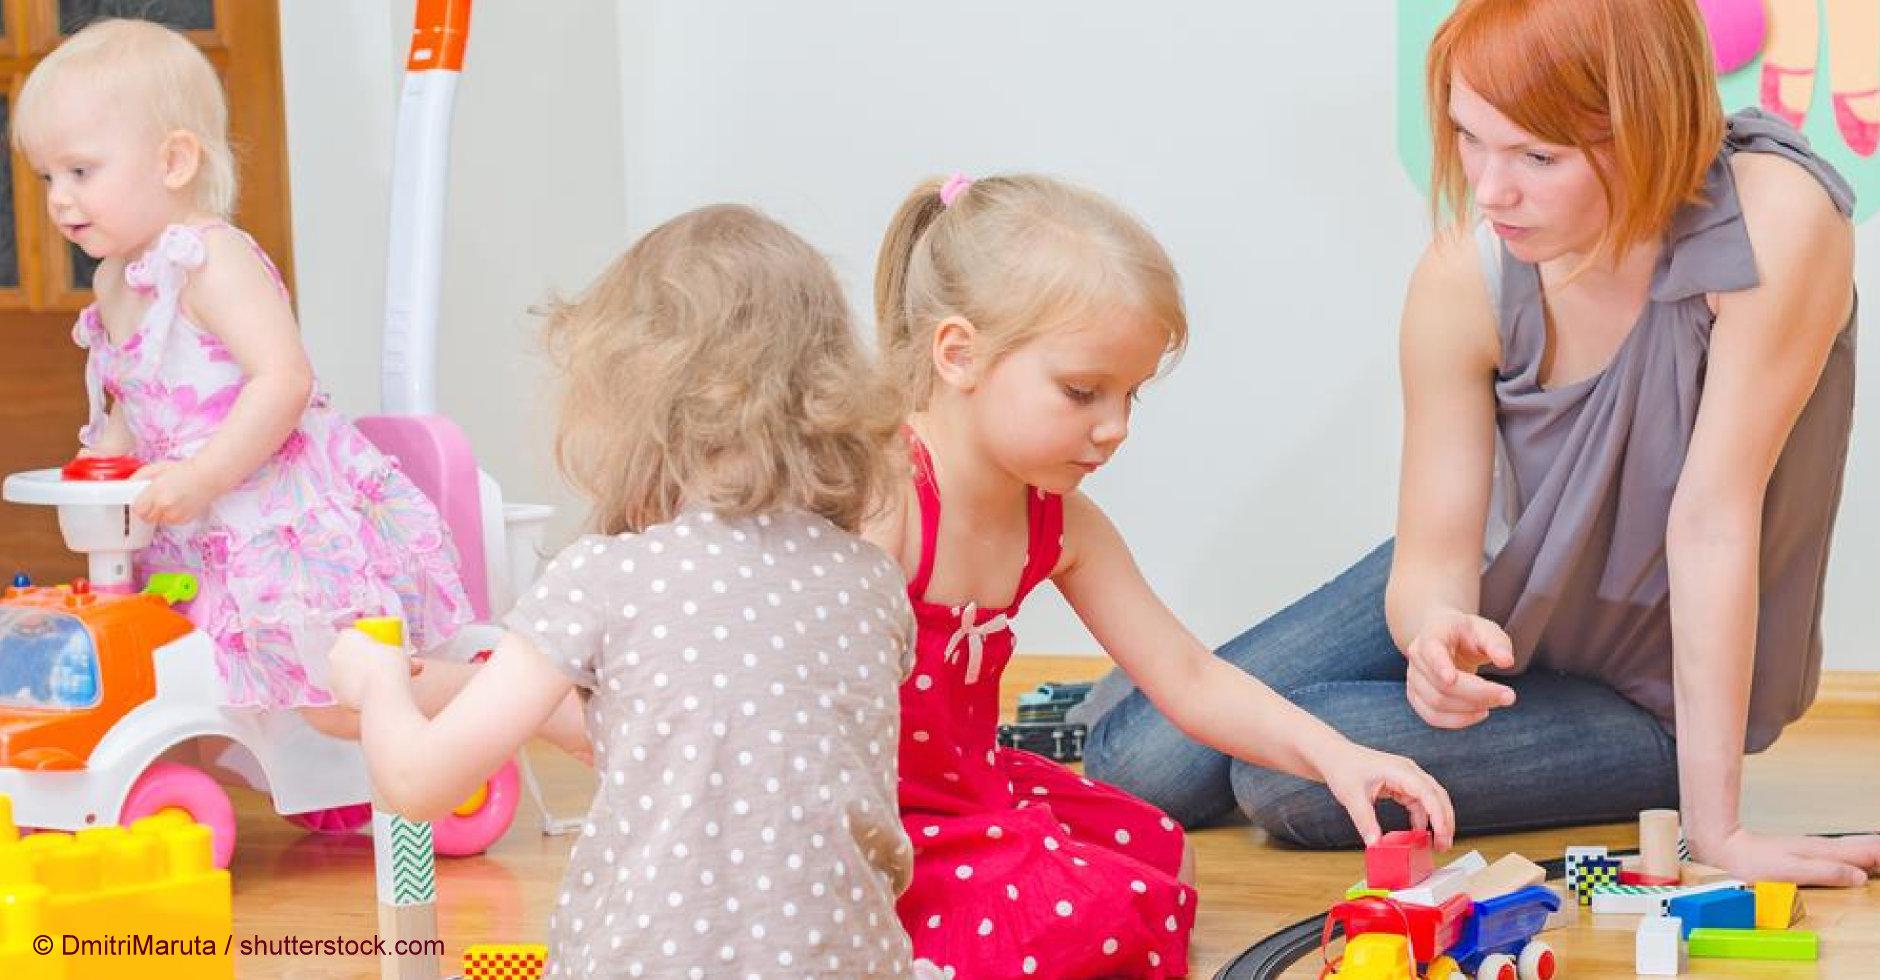 Erzieherinnen und Erzieher begegben sich tagsüber auf die Augenhöhe der Kinder.